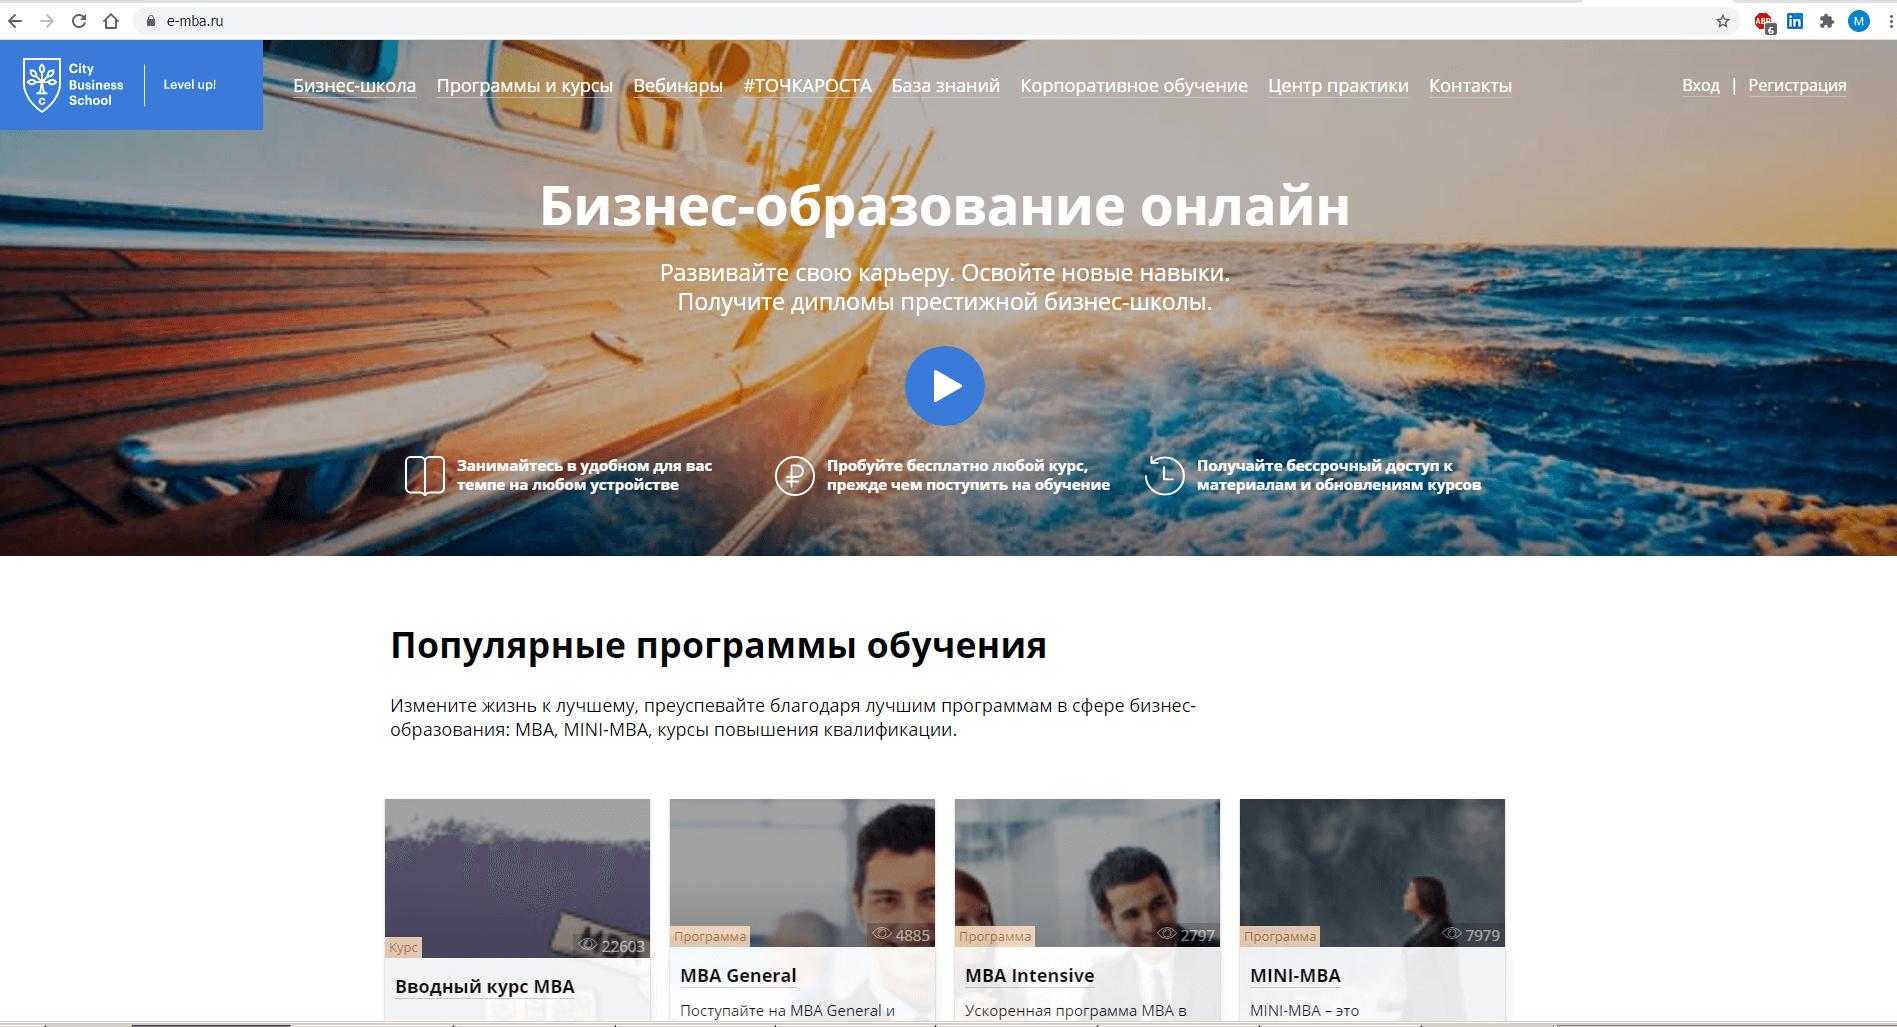 e-mba.ru website